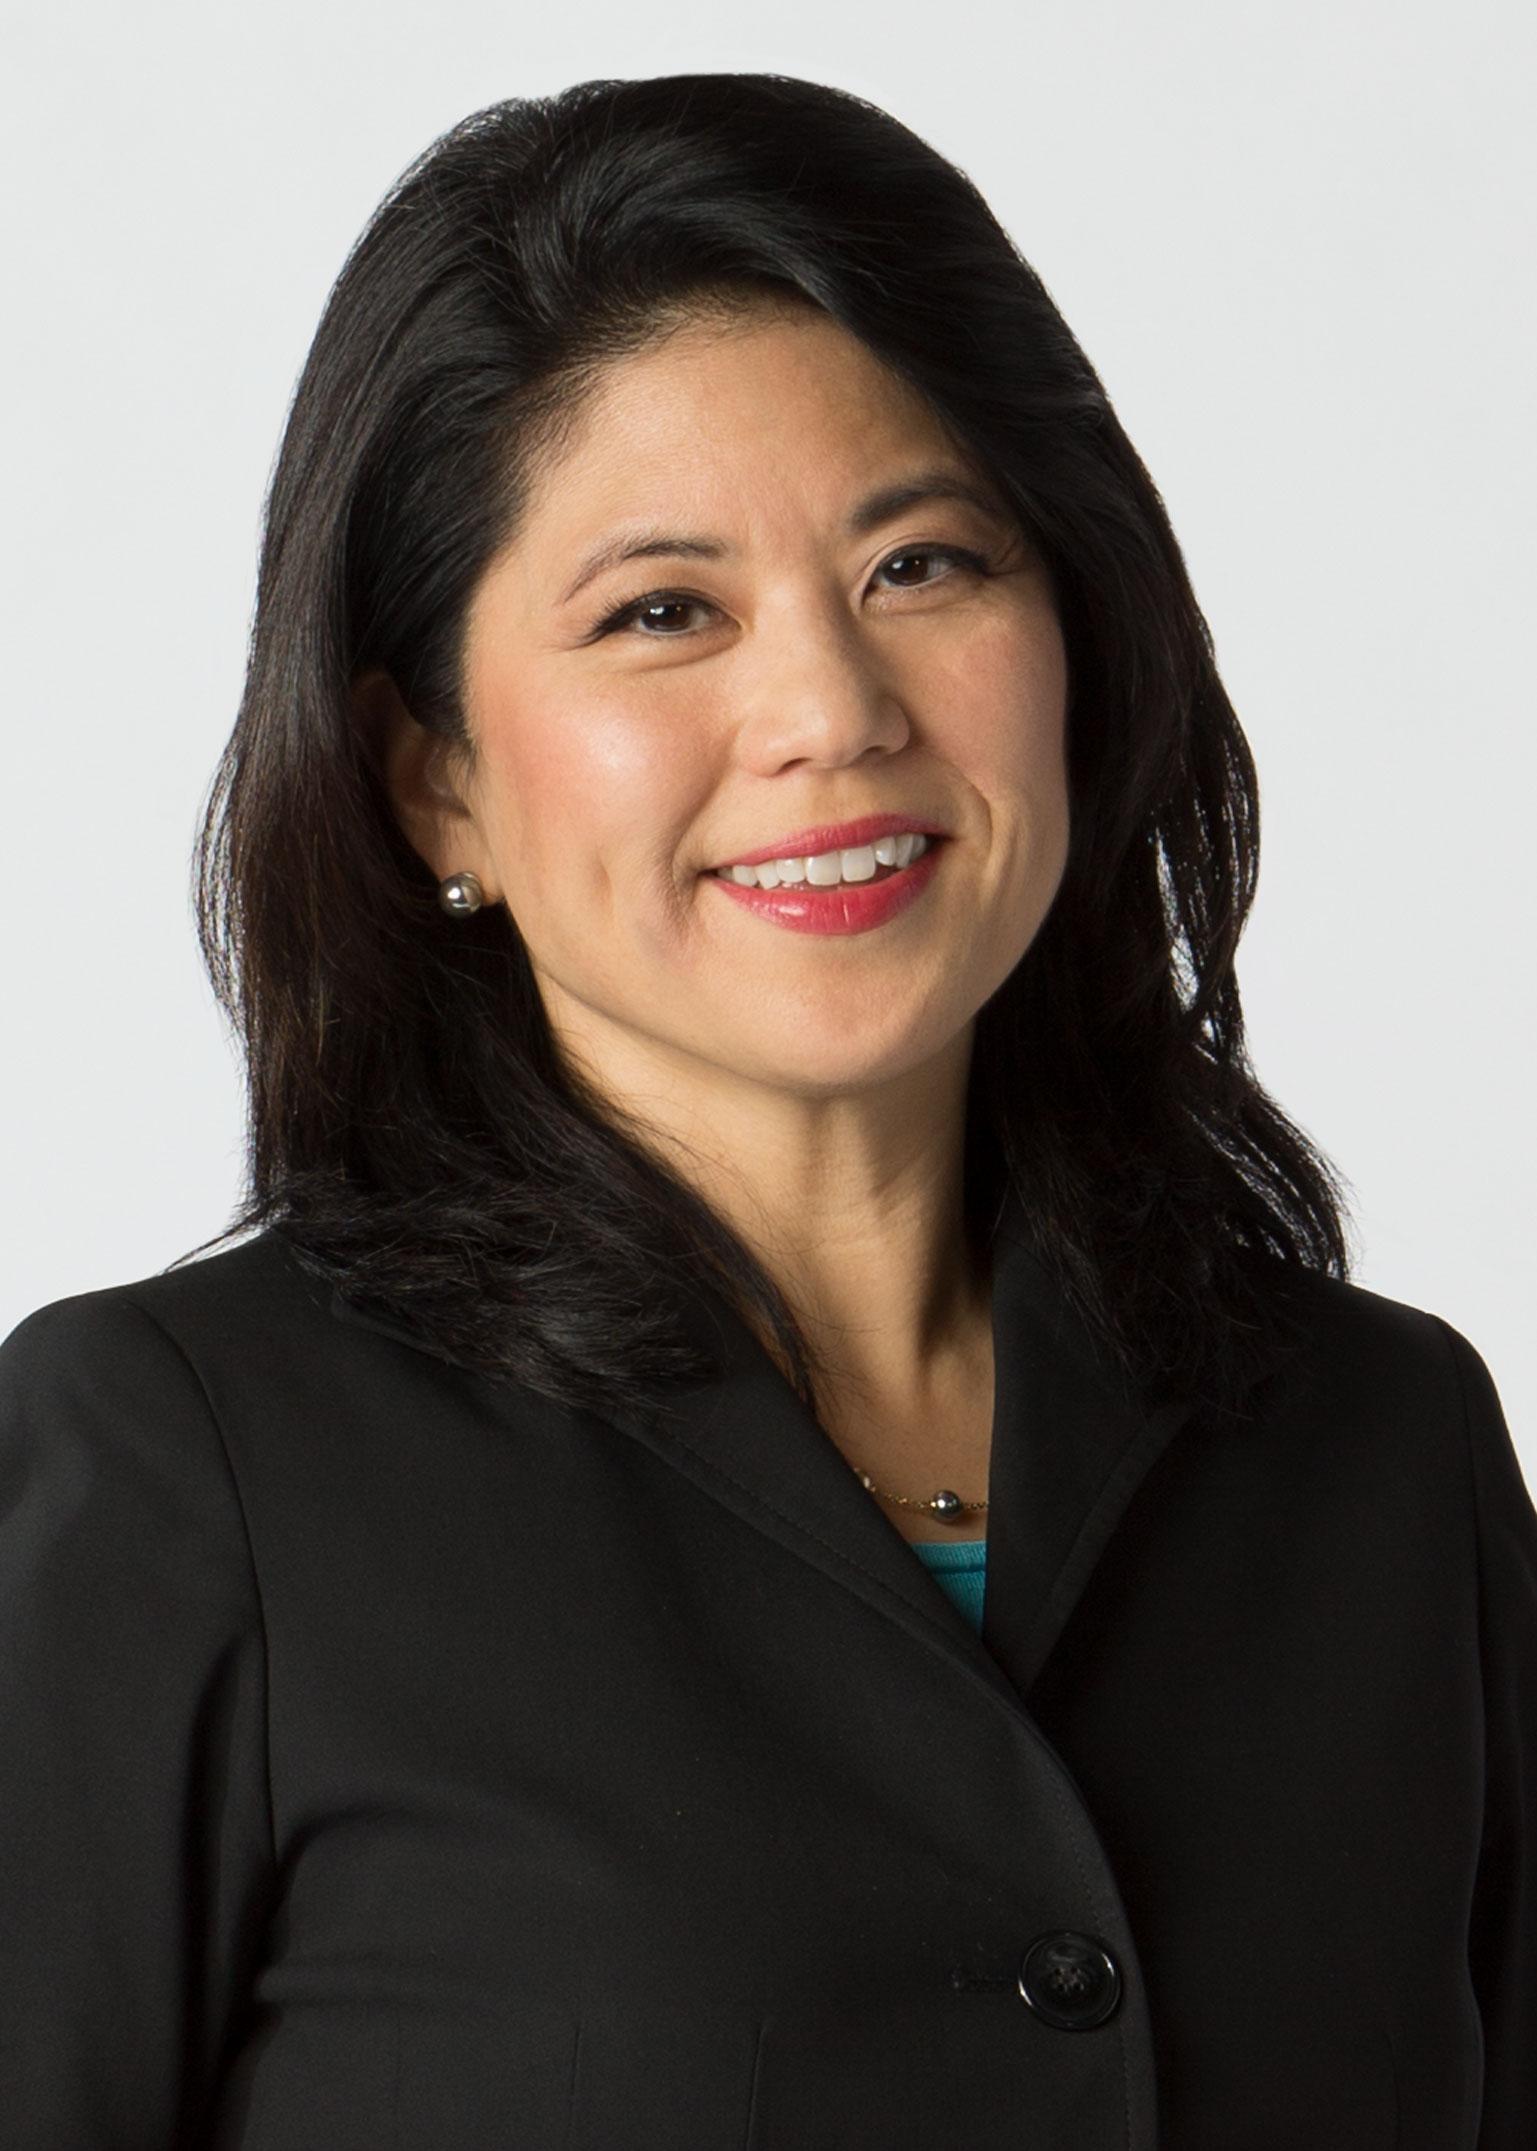 Jana Katsuyama